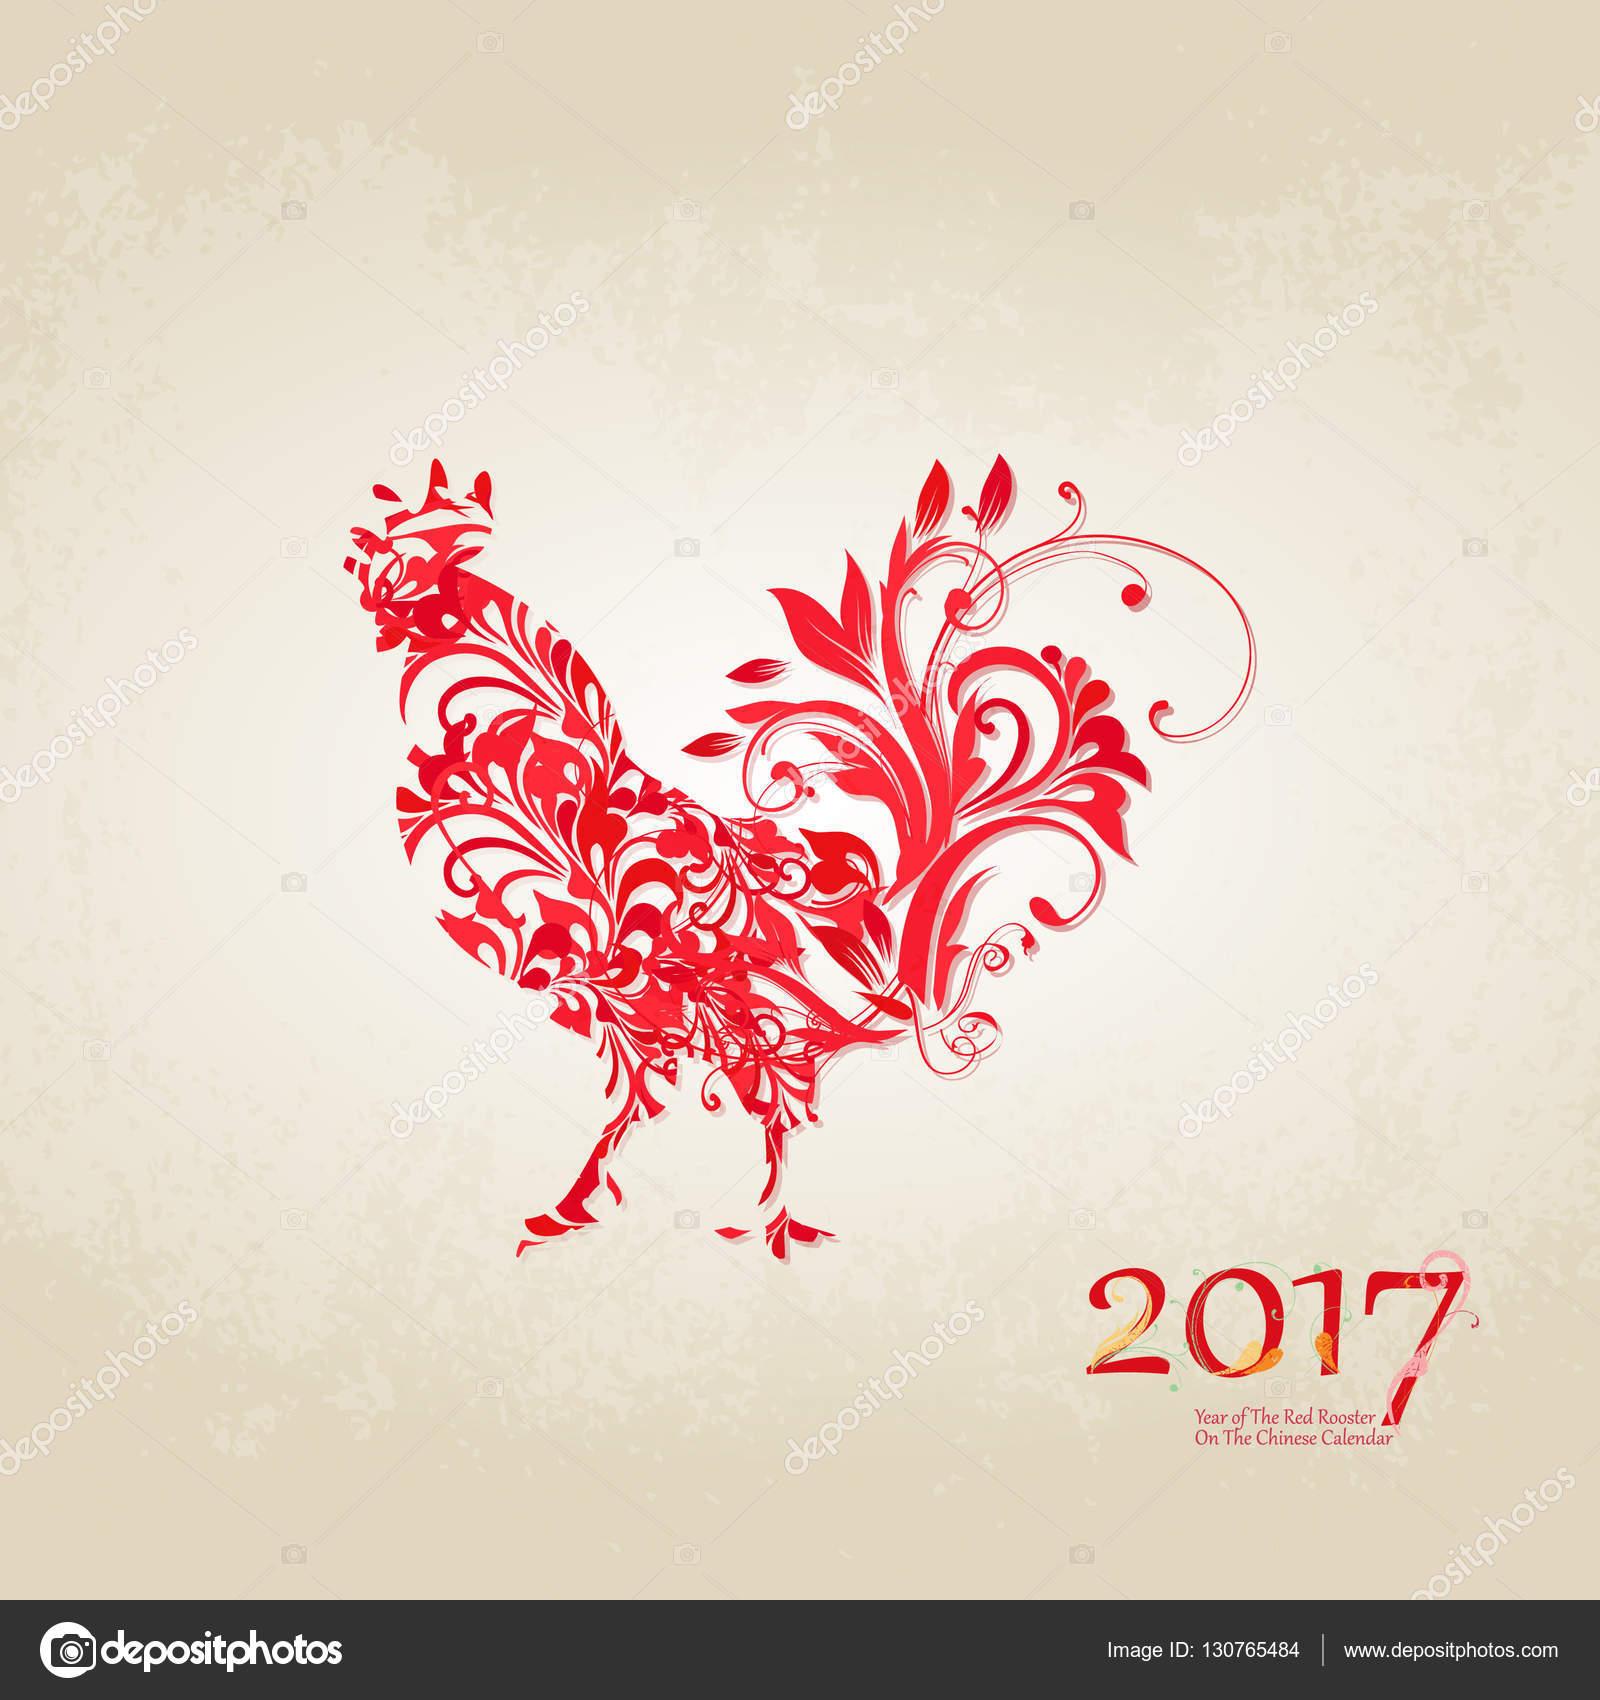 Фото китайский новый год петуха 2017